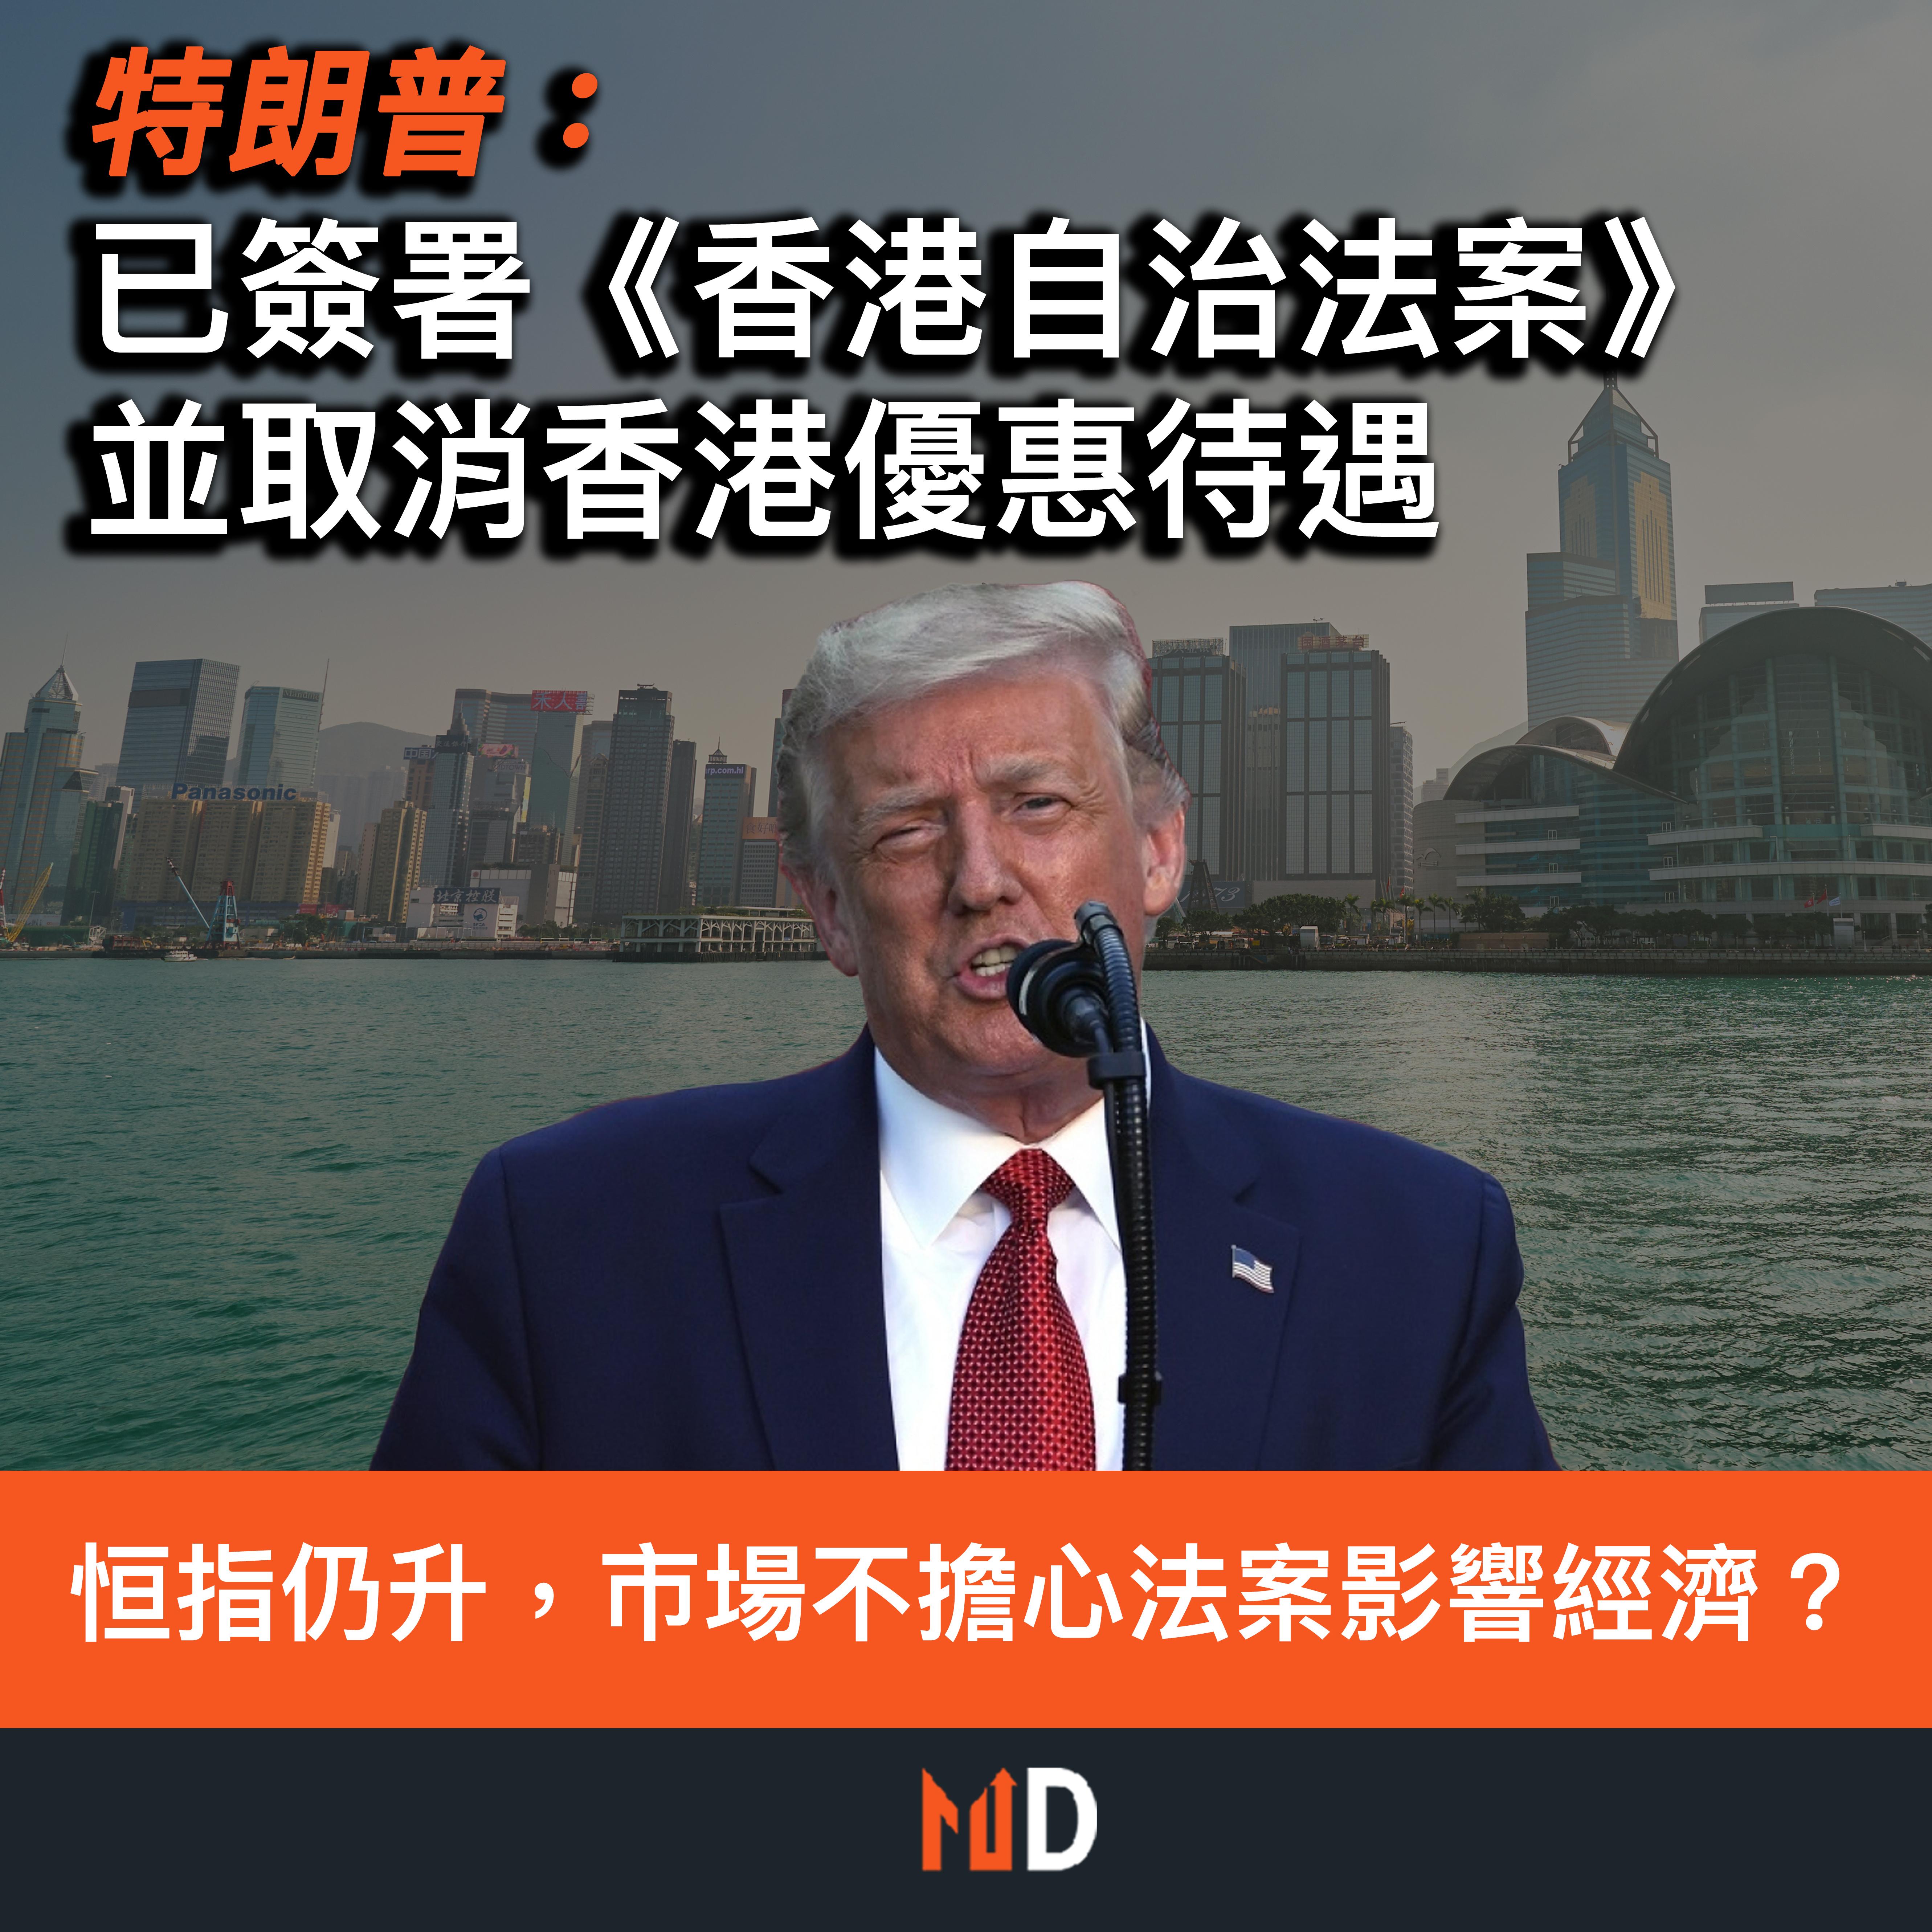 【市場熱話】特朗普:已簽署《香港自治法案》,並取消香港優惠待遇